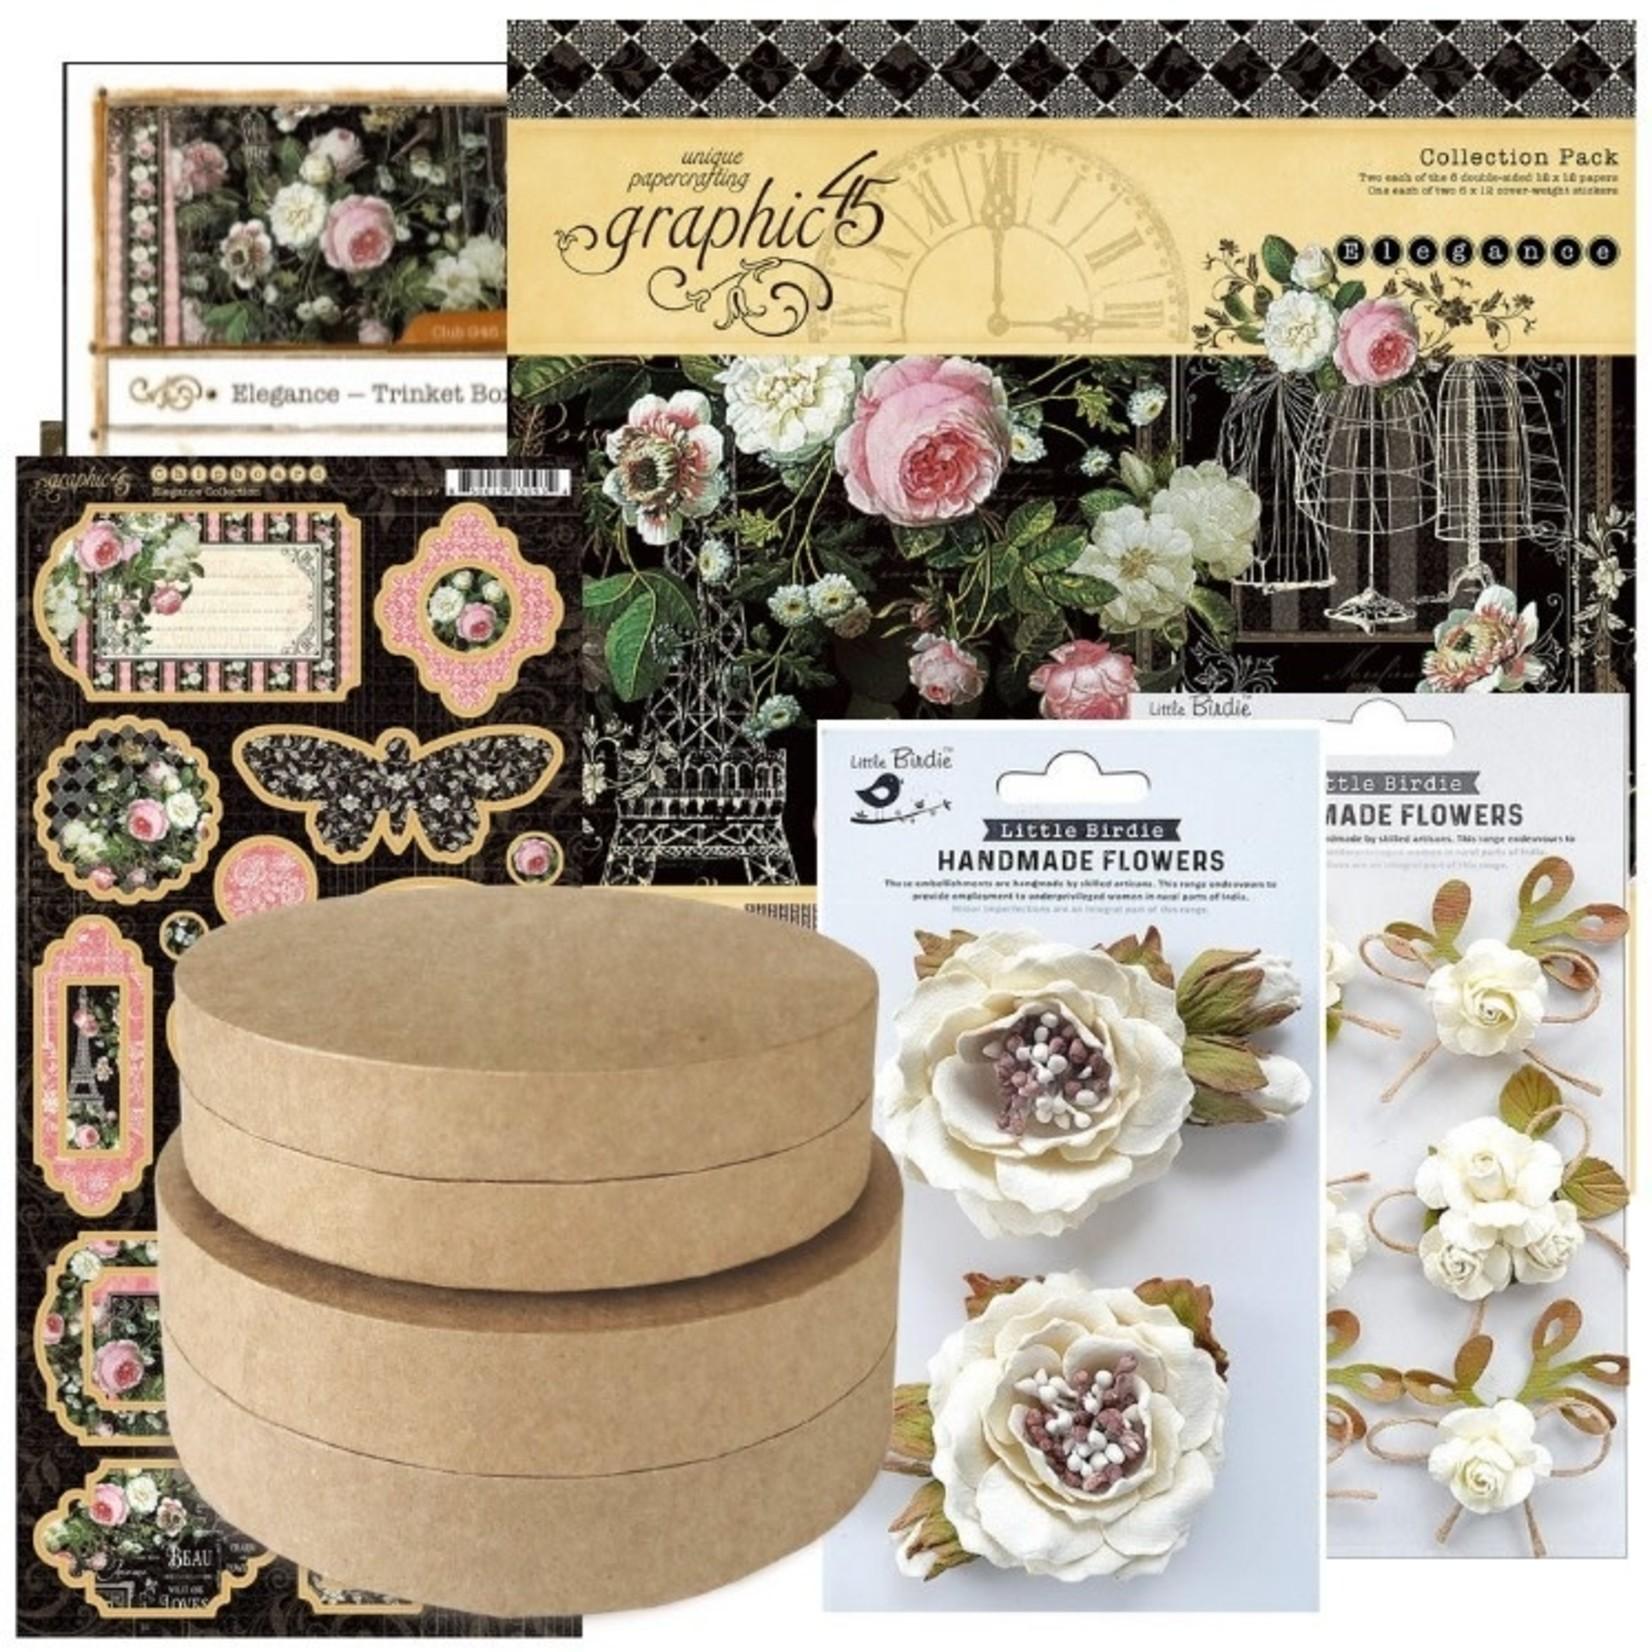 Graphic 45 Graphic 45 - Club45 - Elegance - Trinket Boxes & Circle Mini Album